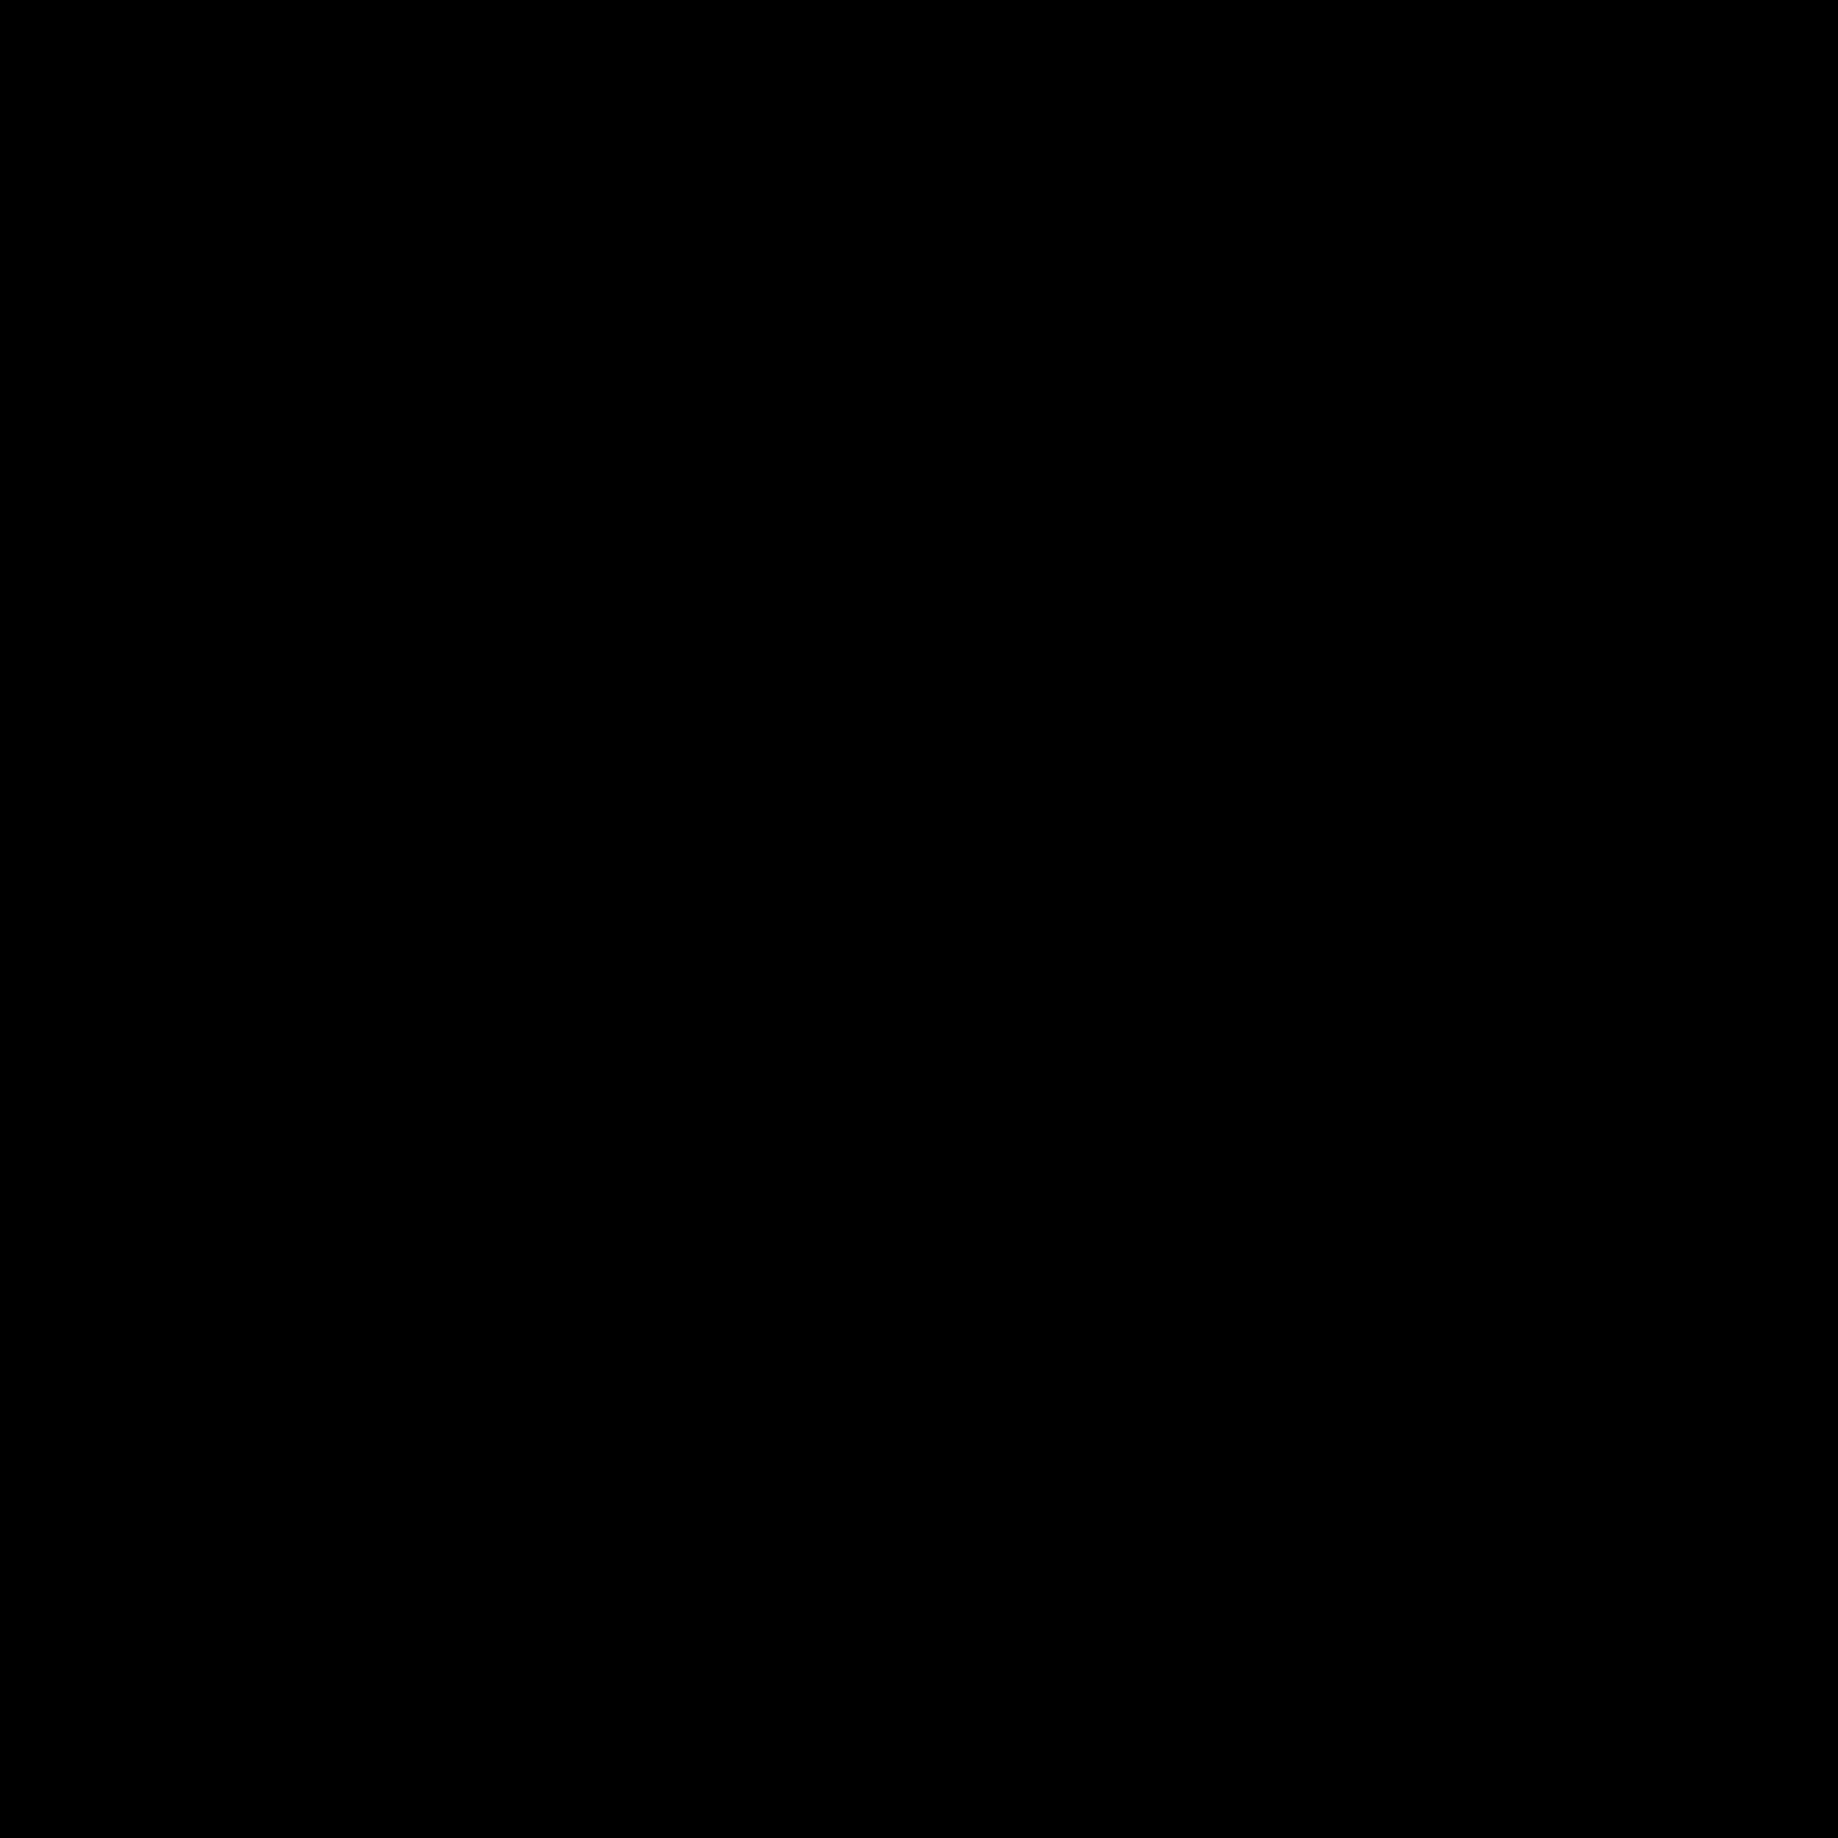 """קמפוסים – בני עטרות תשע""""ז by veredgrafi - Ourboox.com"""